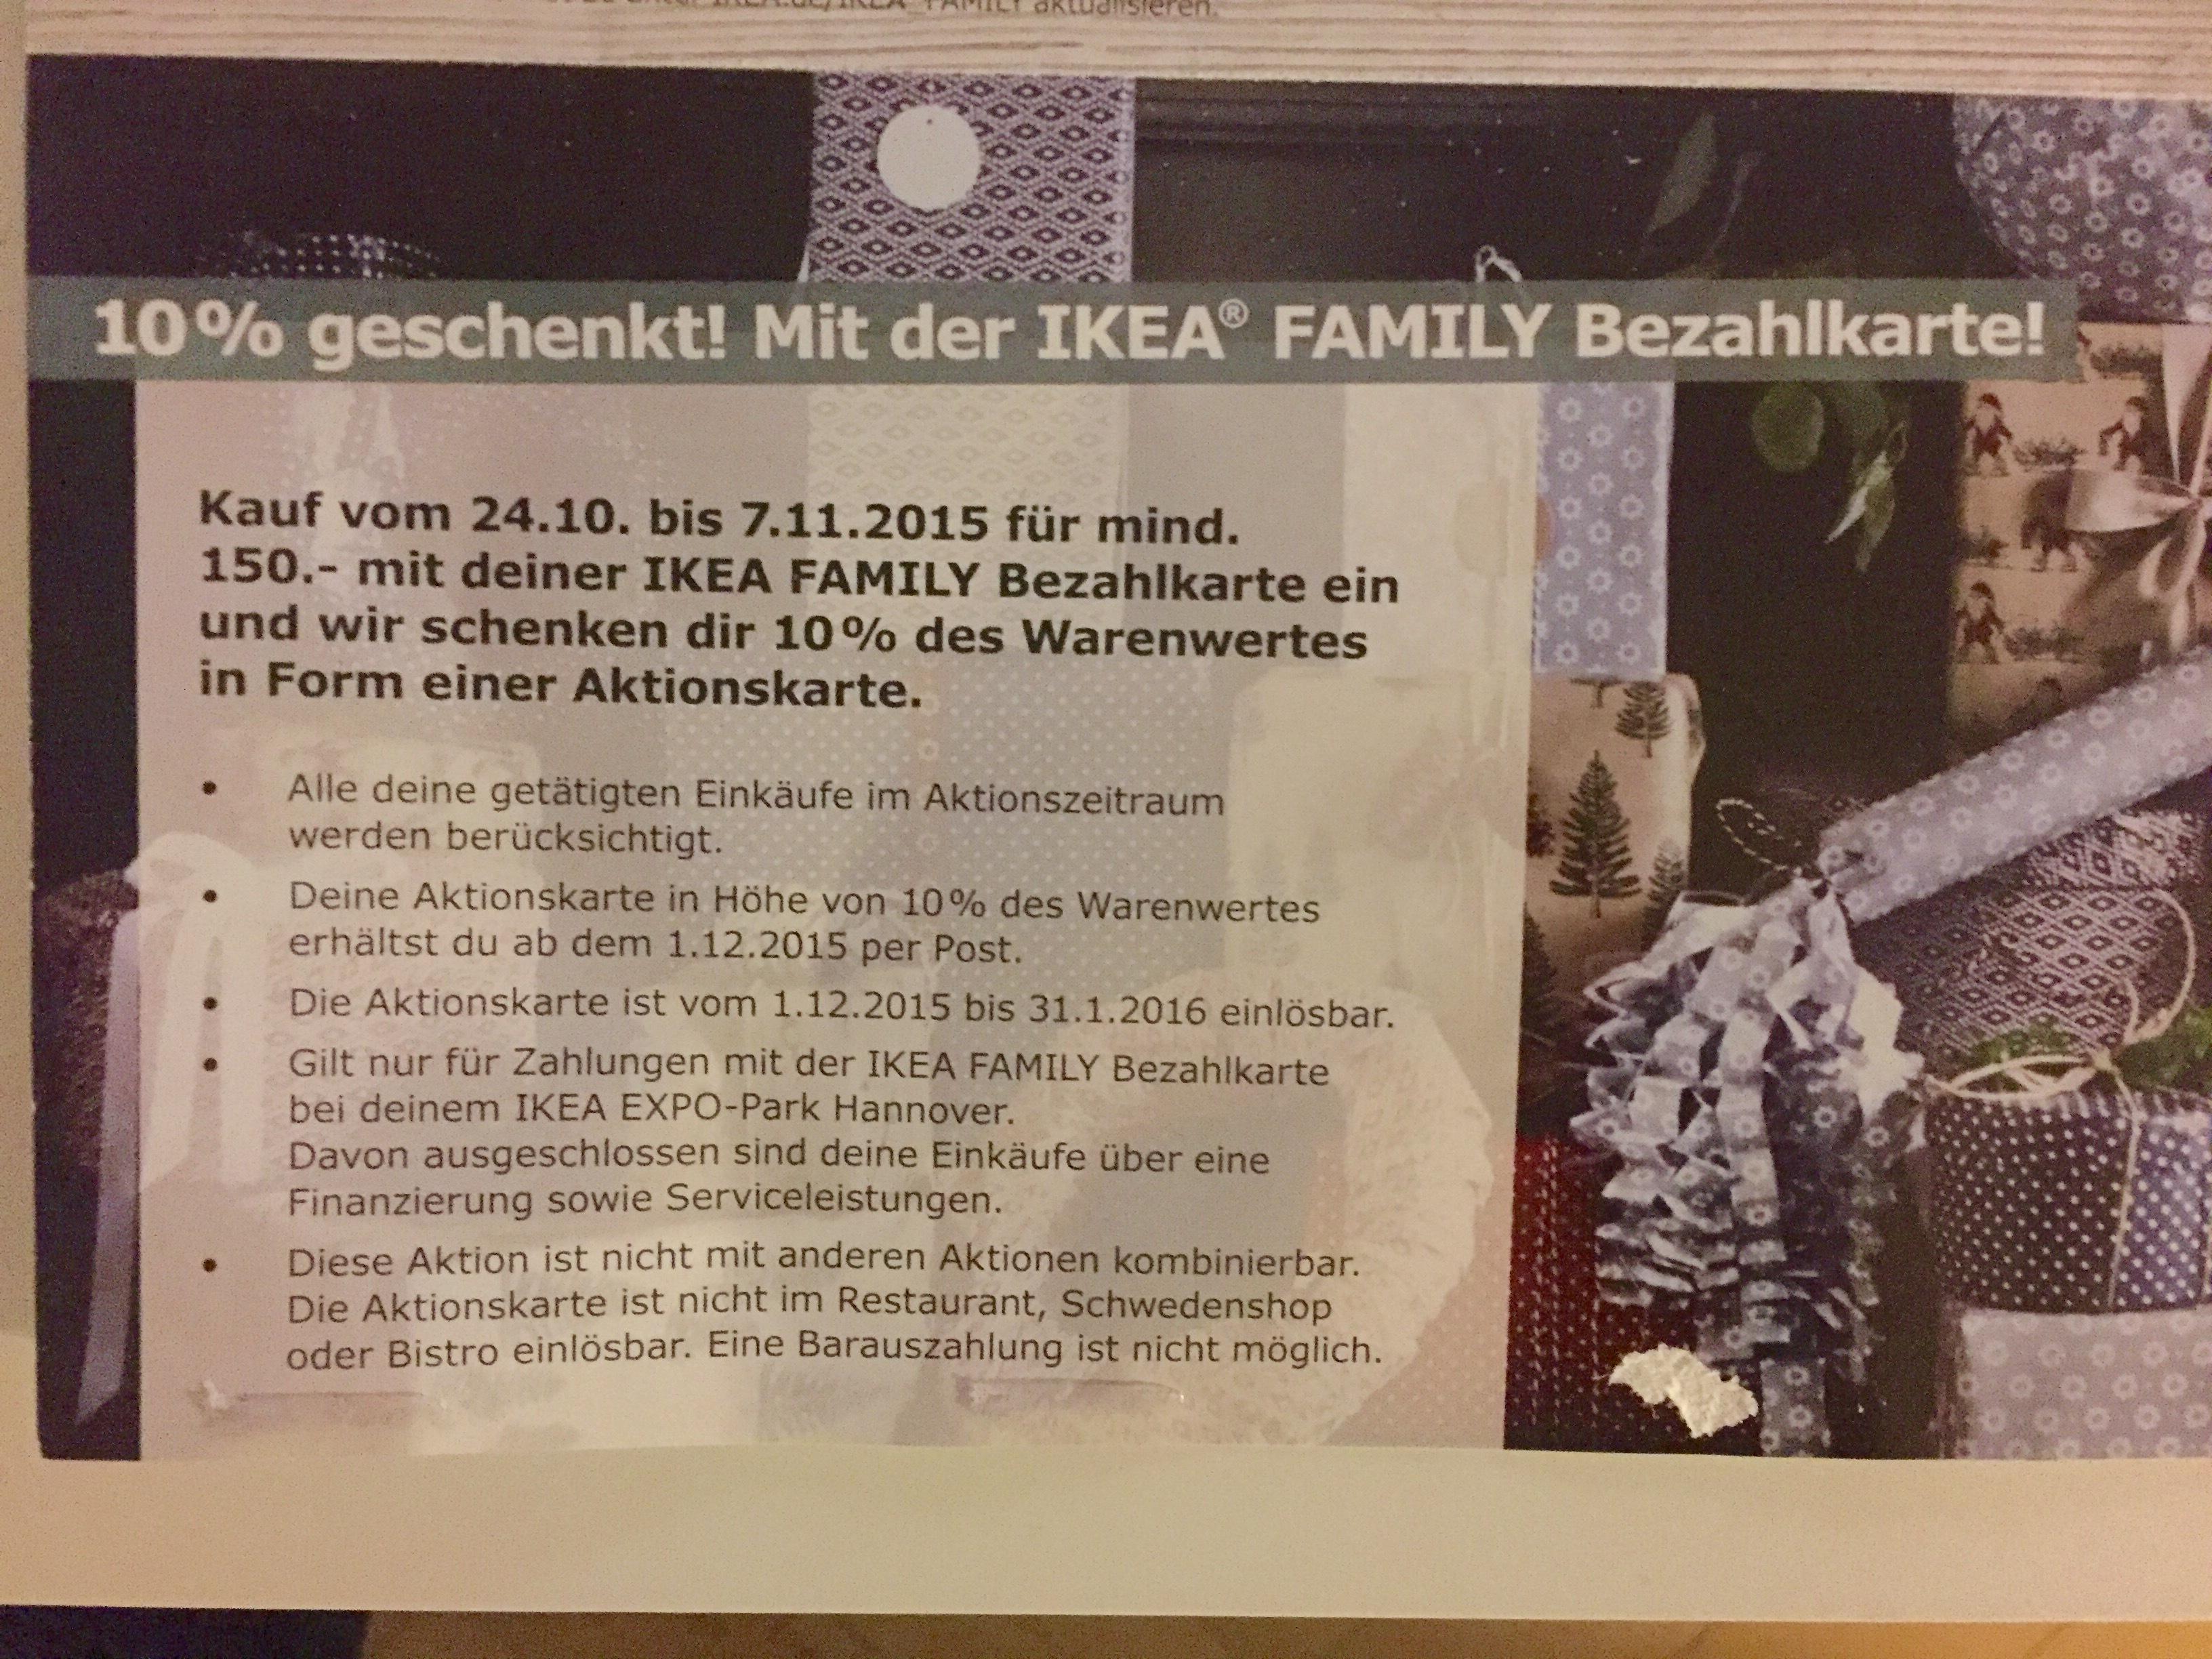 hannover evtl auch bundesweit 10 geschenkt mit der ikea family bezahlkarte. Black Bedroom Furniture Sets. Home Design Ideas